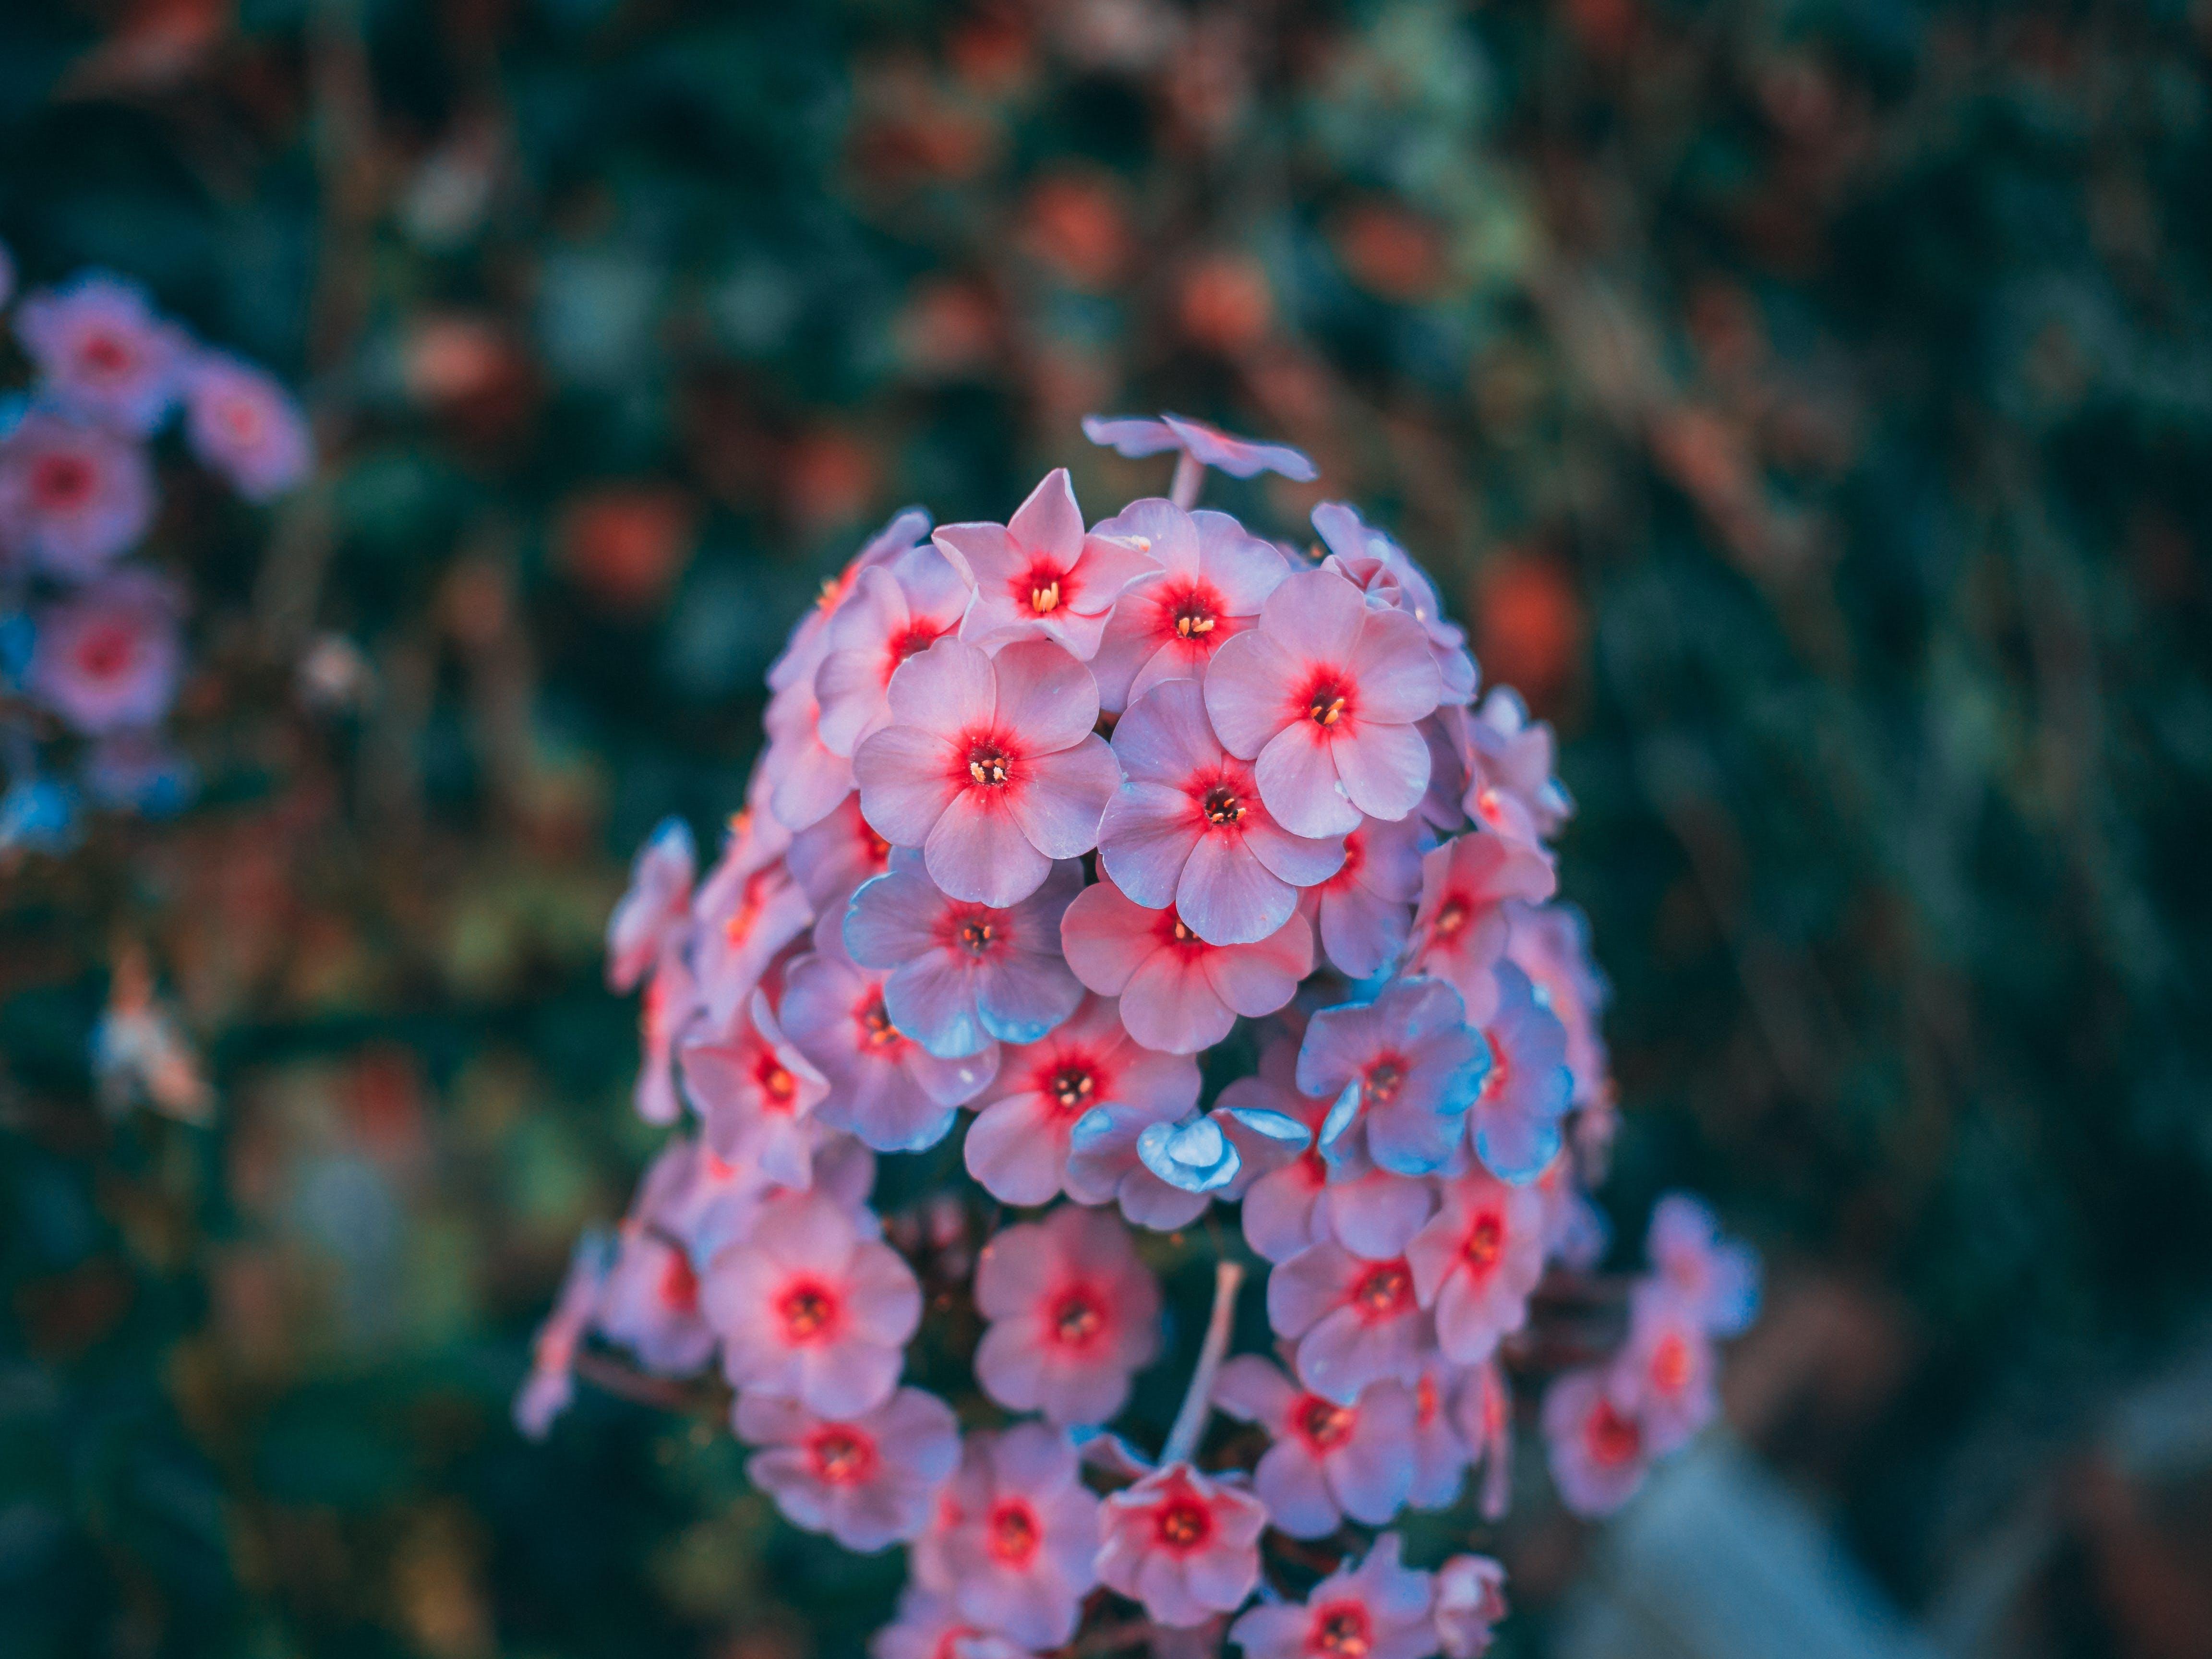 Bahçe, bitki örtüsü, büyüme, çiçeklenmek içeren Ücretsiz stok fotoğraf